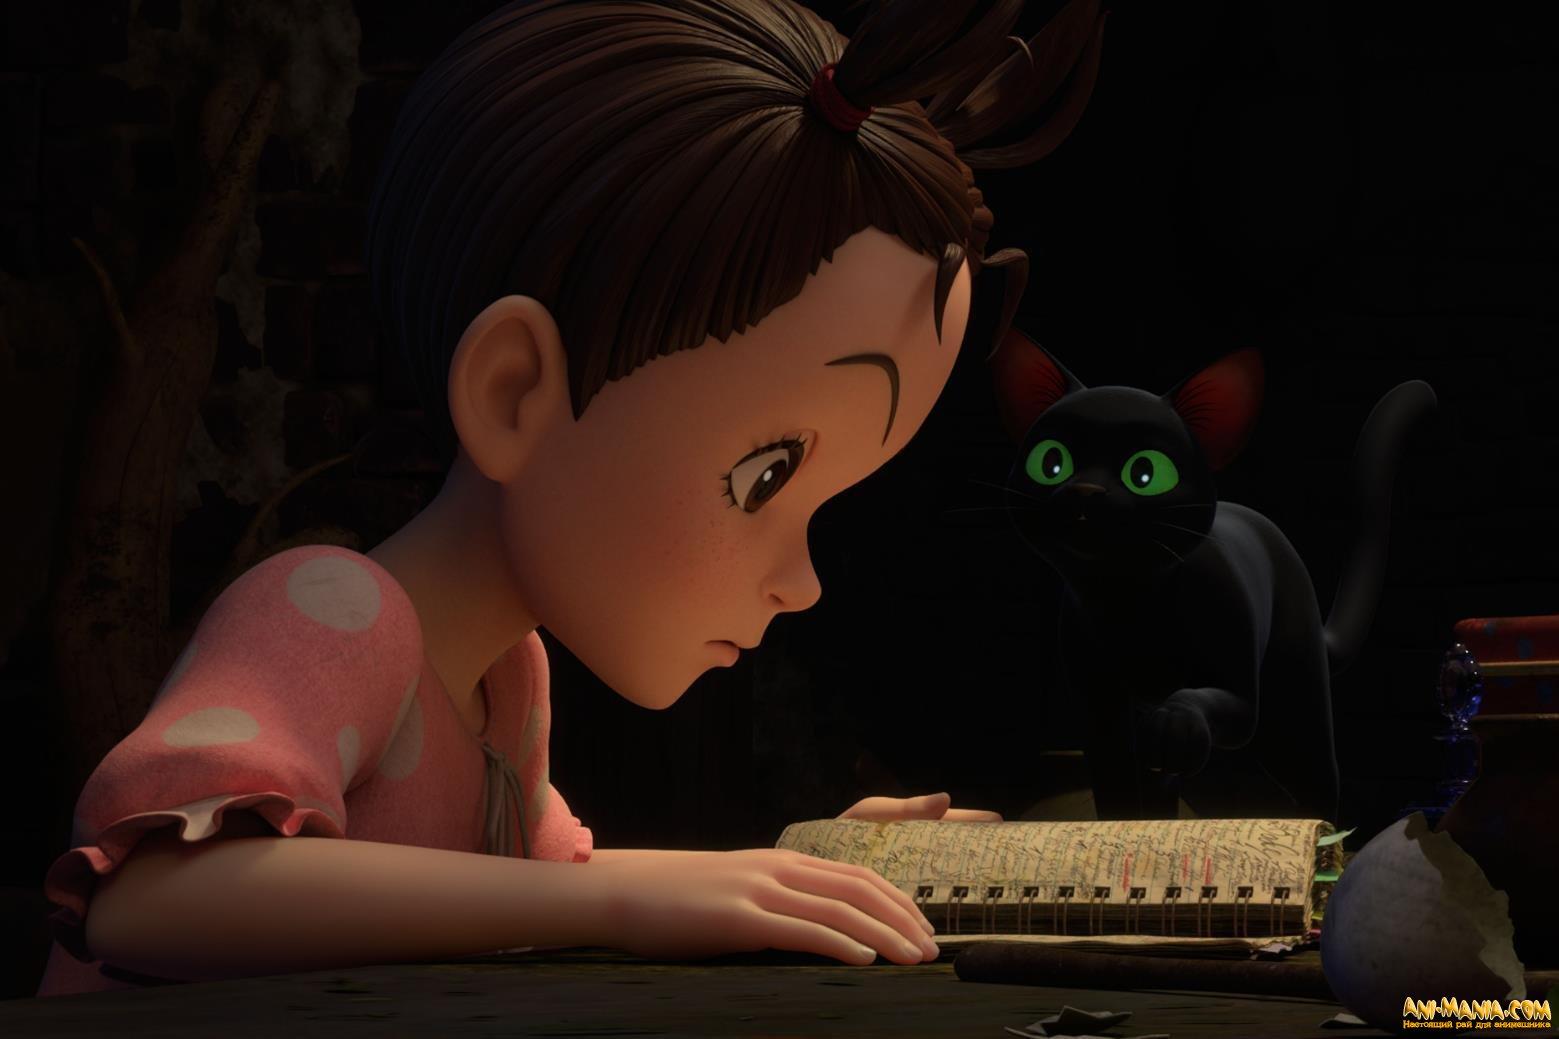 «Ая и ведьма» — новое аниме от студии Ghibli выйдет в российский кинопрокат